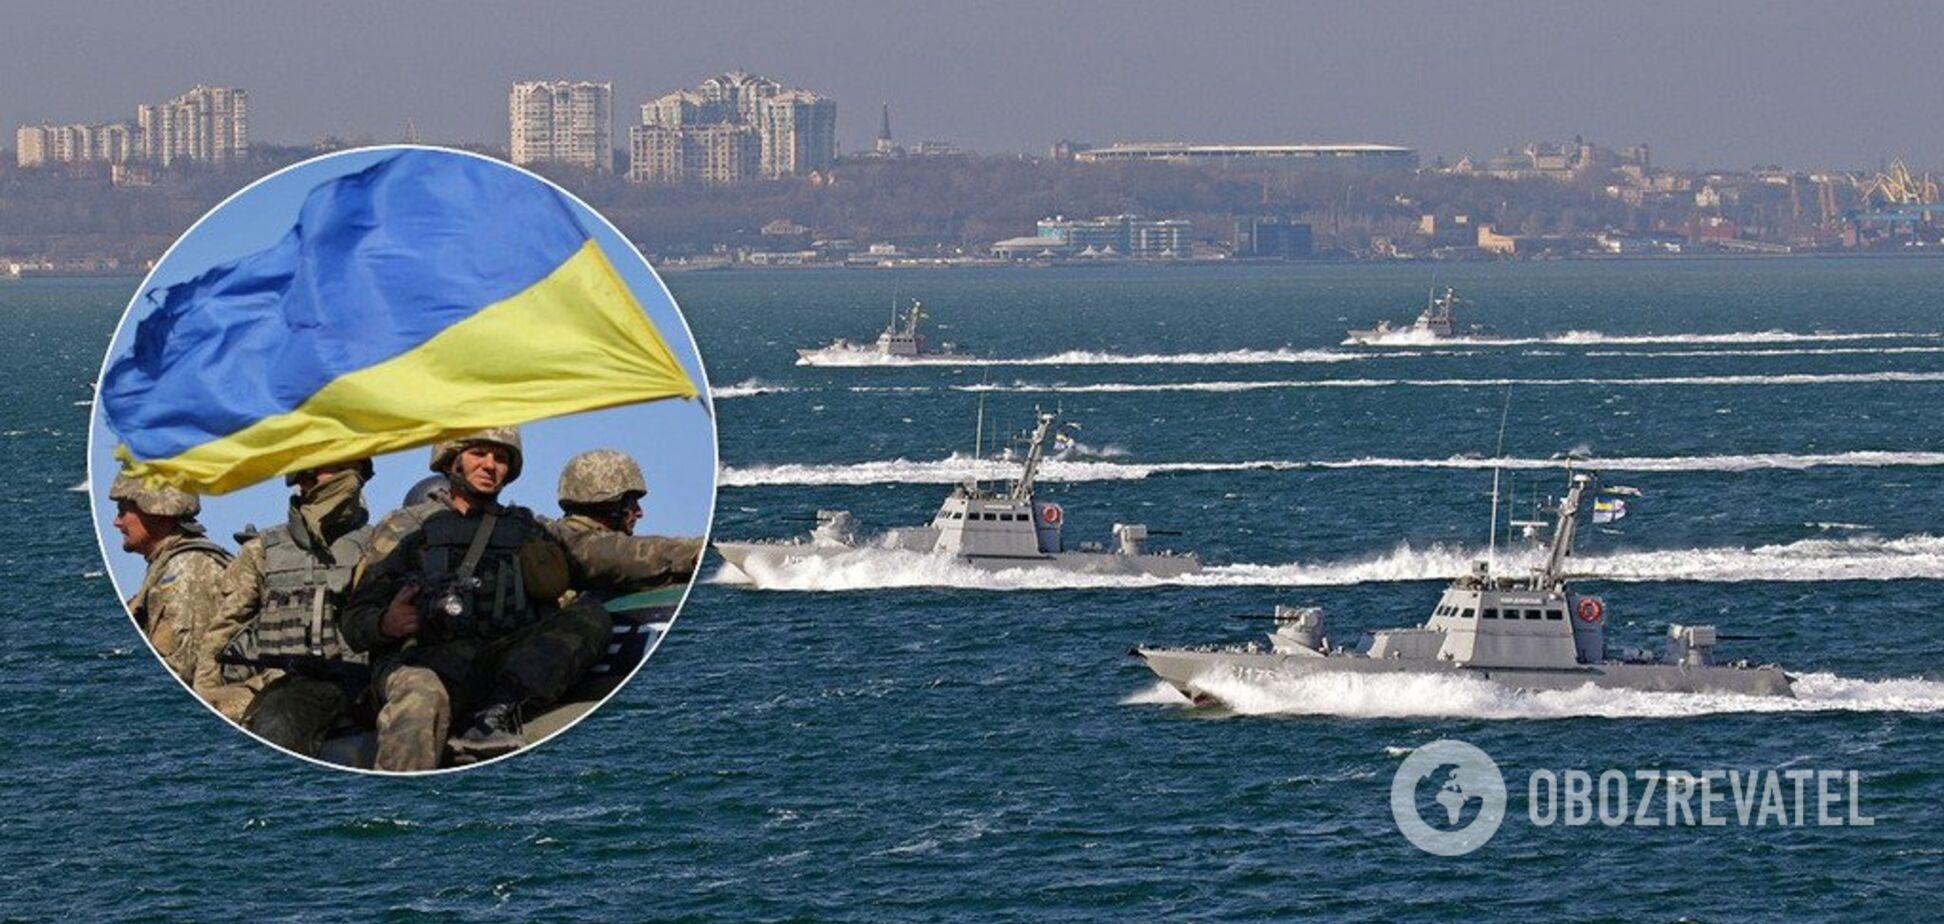 'Хвіст від оселедця': Огризко різко висловився про ситуацію в Азовському морі